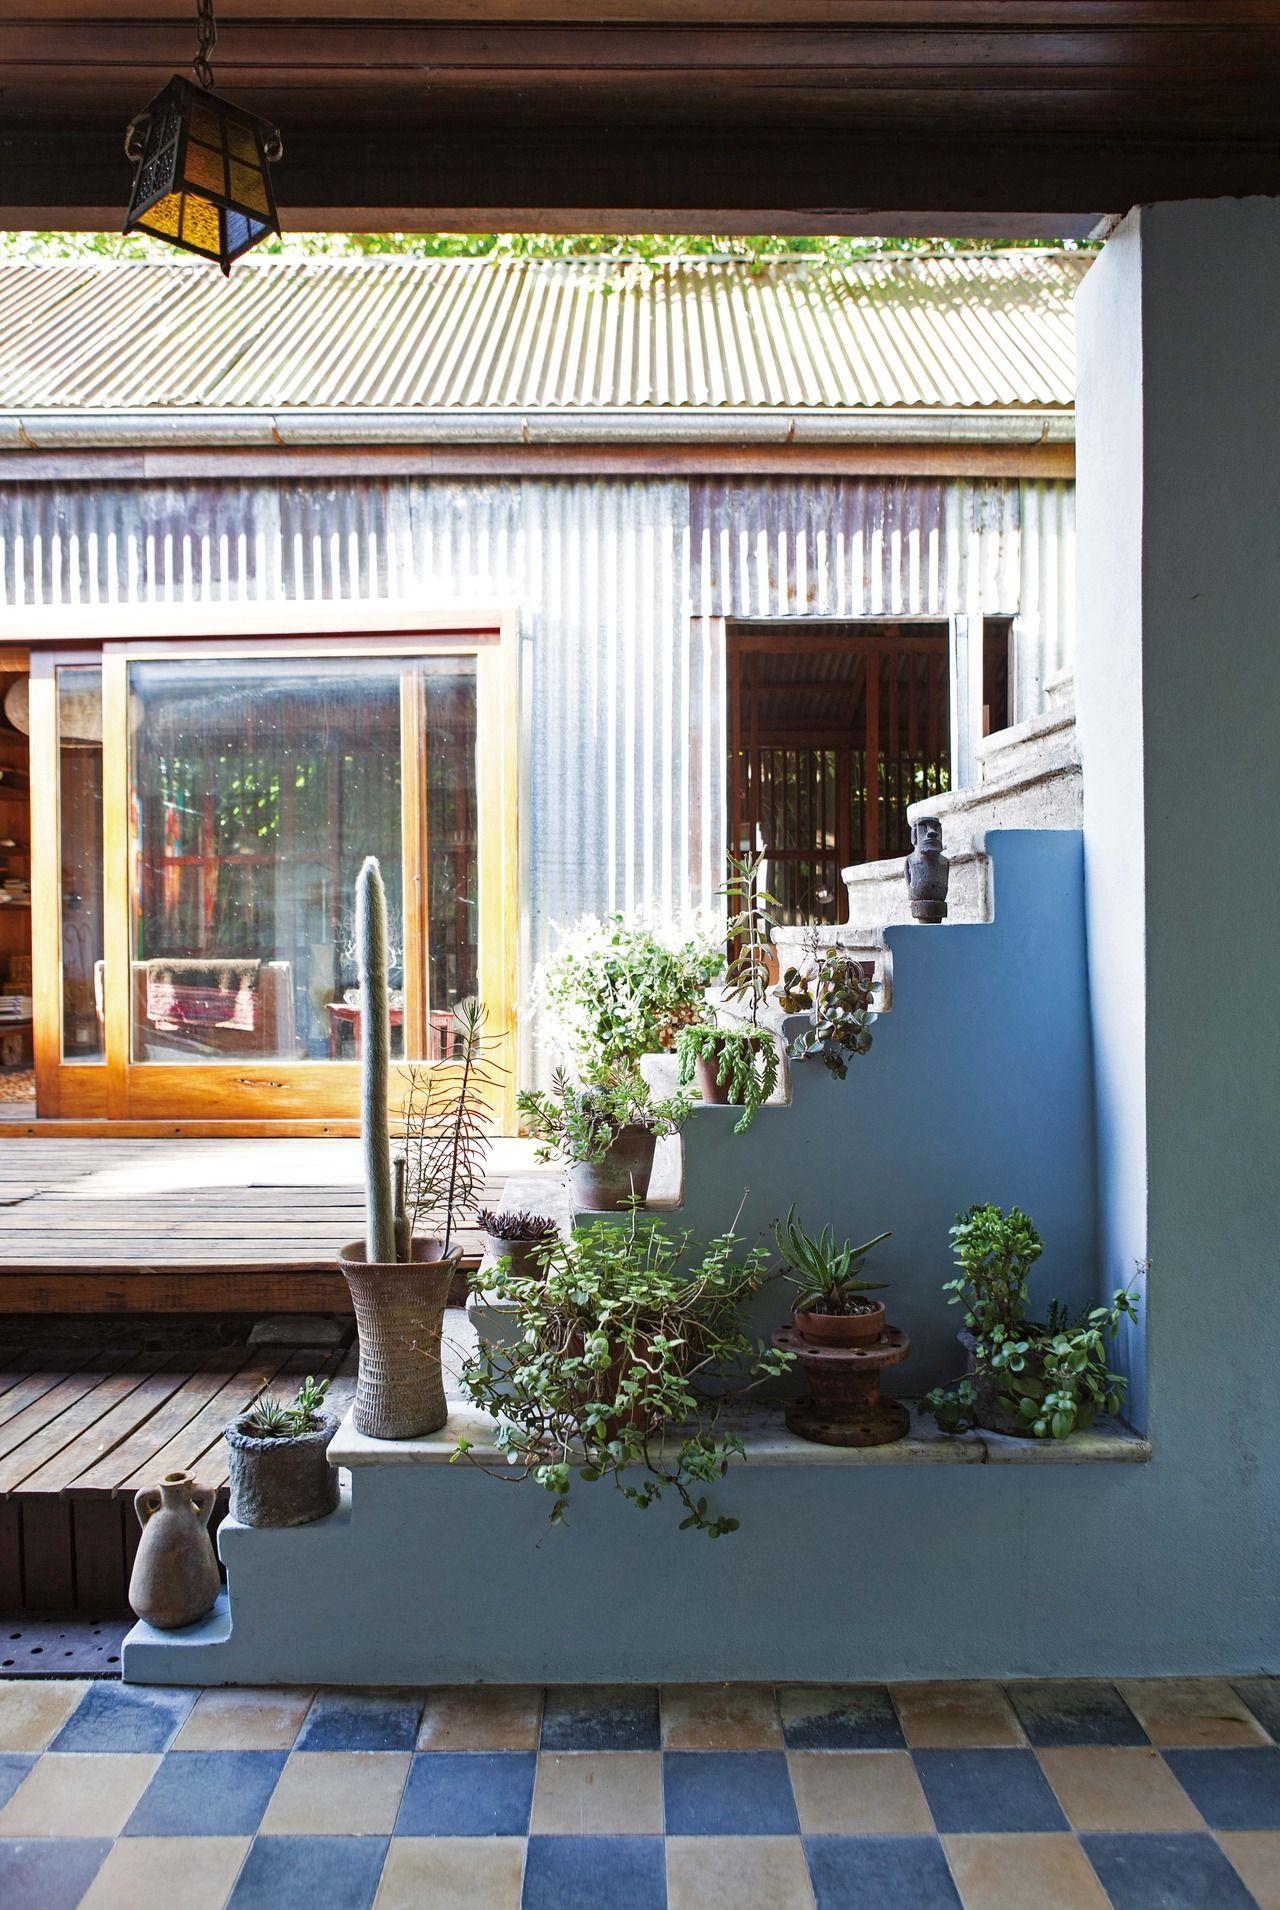 Una casa chorizo reciclada para brillar | Patios, Balconies and Decking